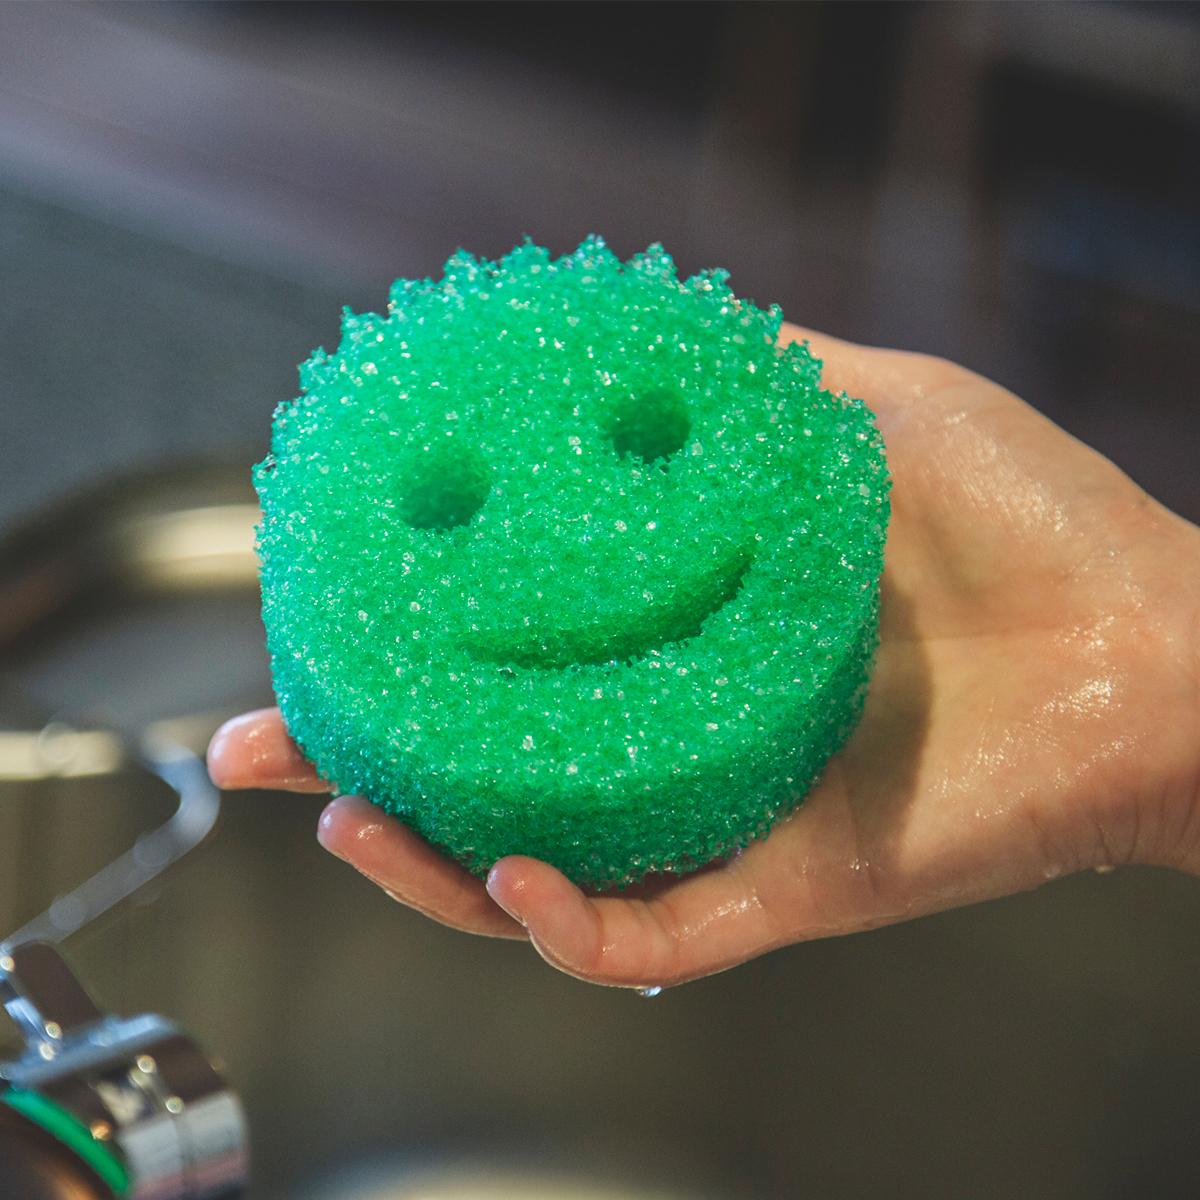 冷水だと握っても潰れないほどカチカチなのに、温水をかけた途端にジュワ〜っとしなやかな素材になる。水切れ・汚れ落ちバツグンの「洗浄スポンジ」|Scrub Daddy